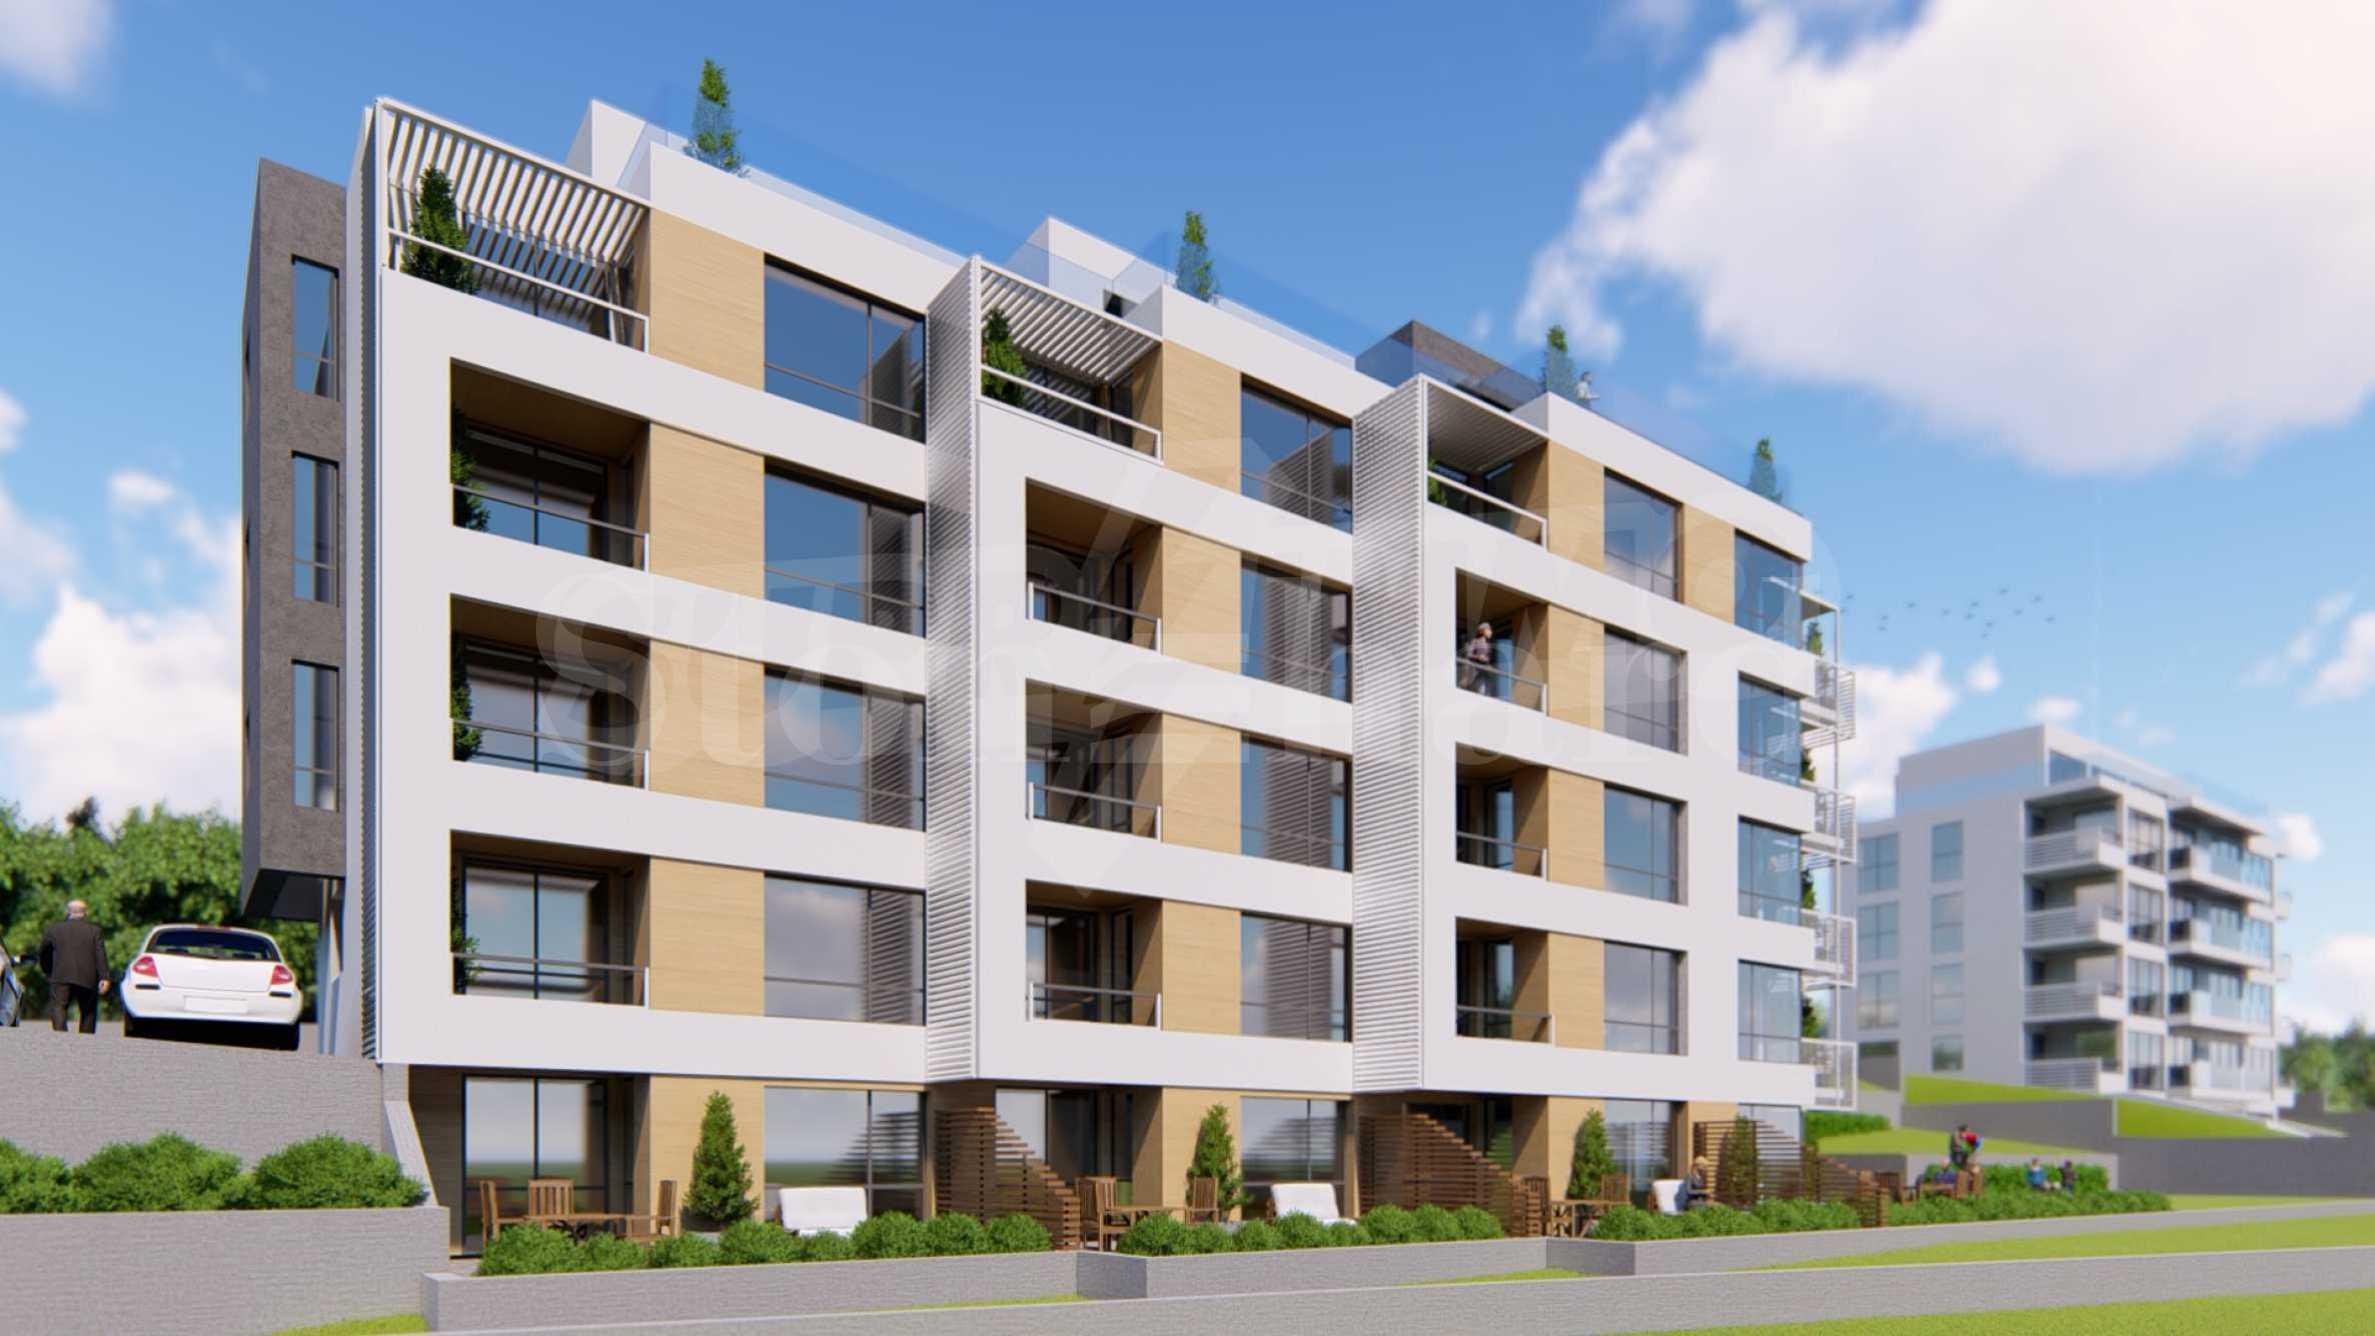 Панорамни апартаменти в нова сграда в кв. Бриз, гр. Варна2 - Stonehard